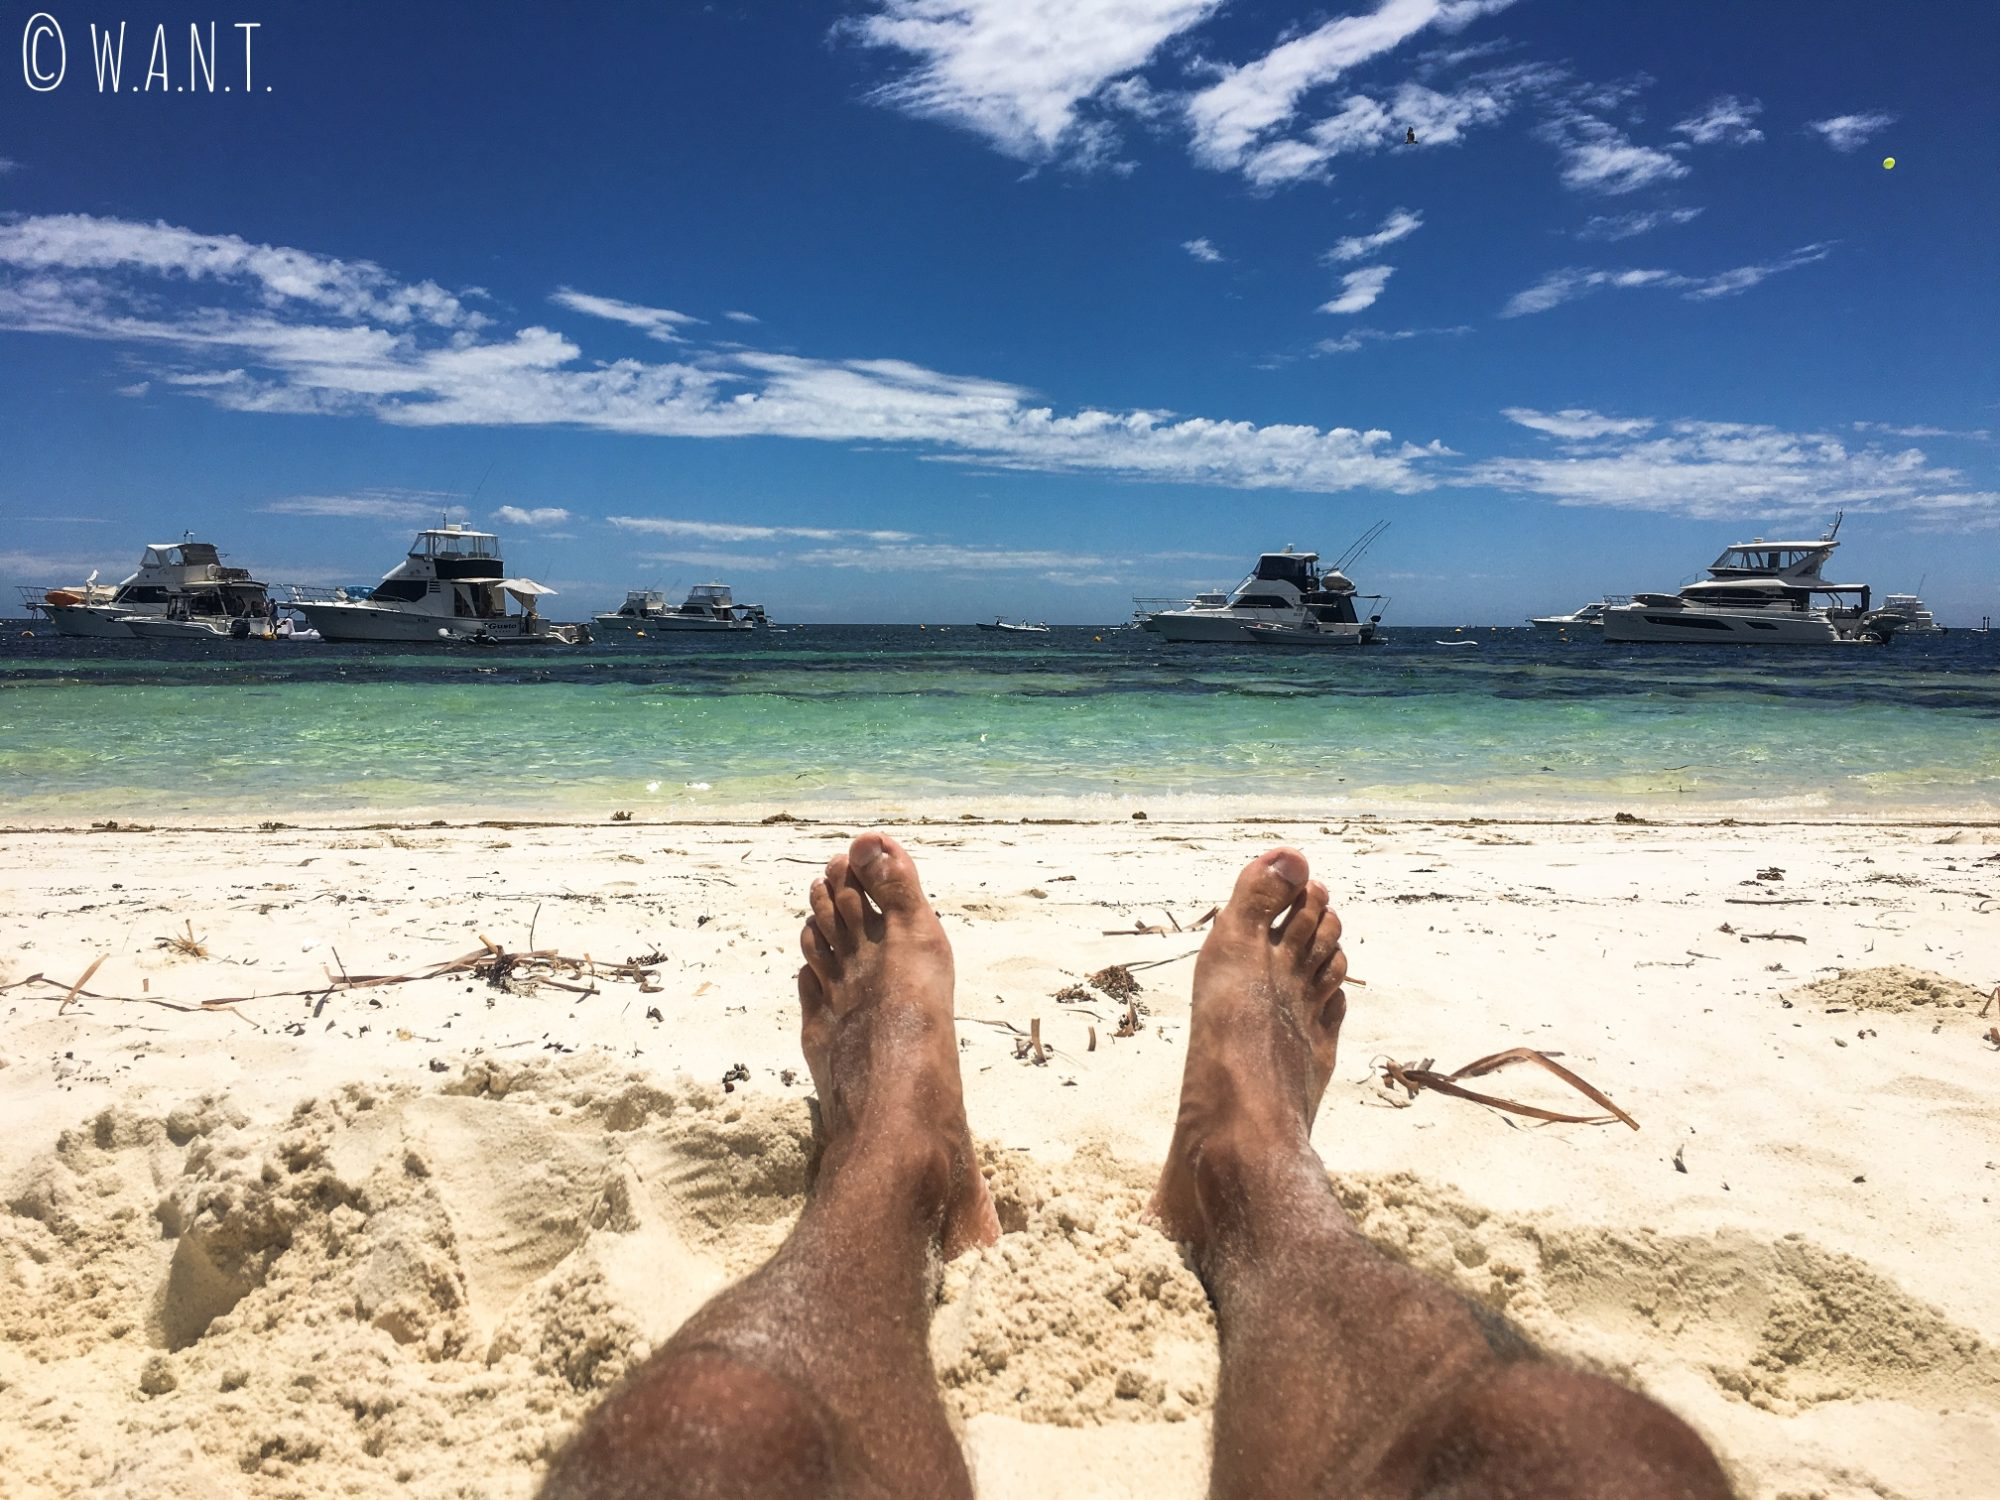 Benjamin, les pieds dans le sable de Narrow Neck sur Rottnest Island